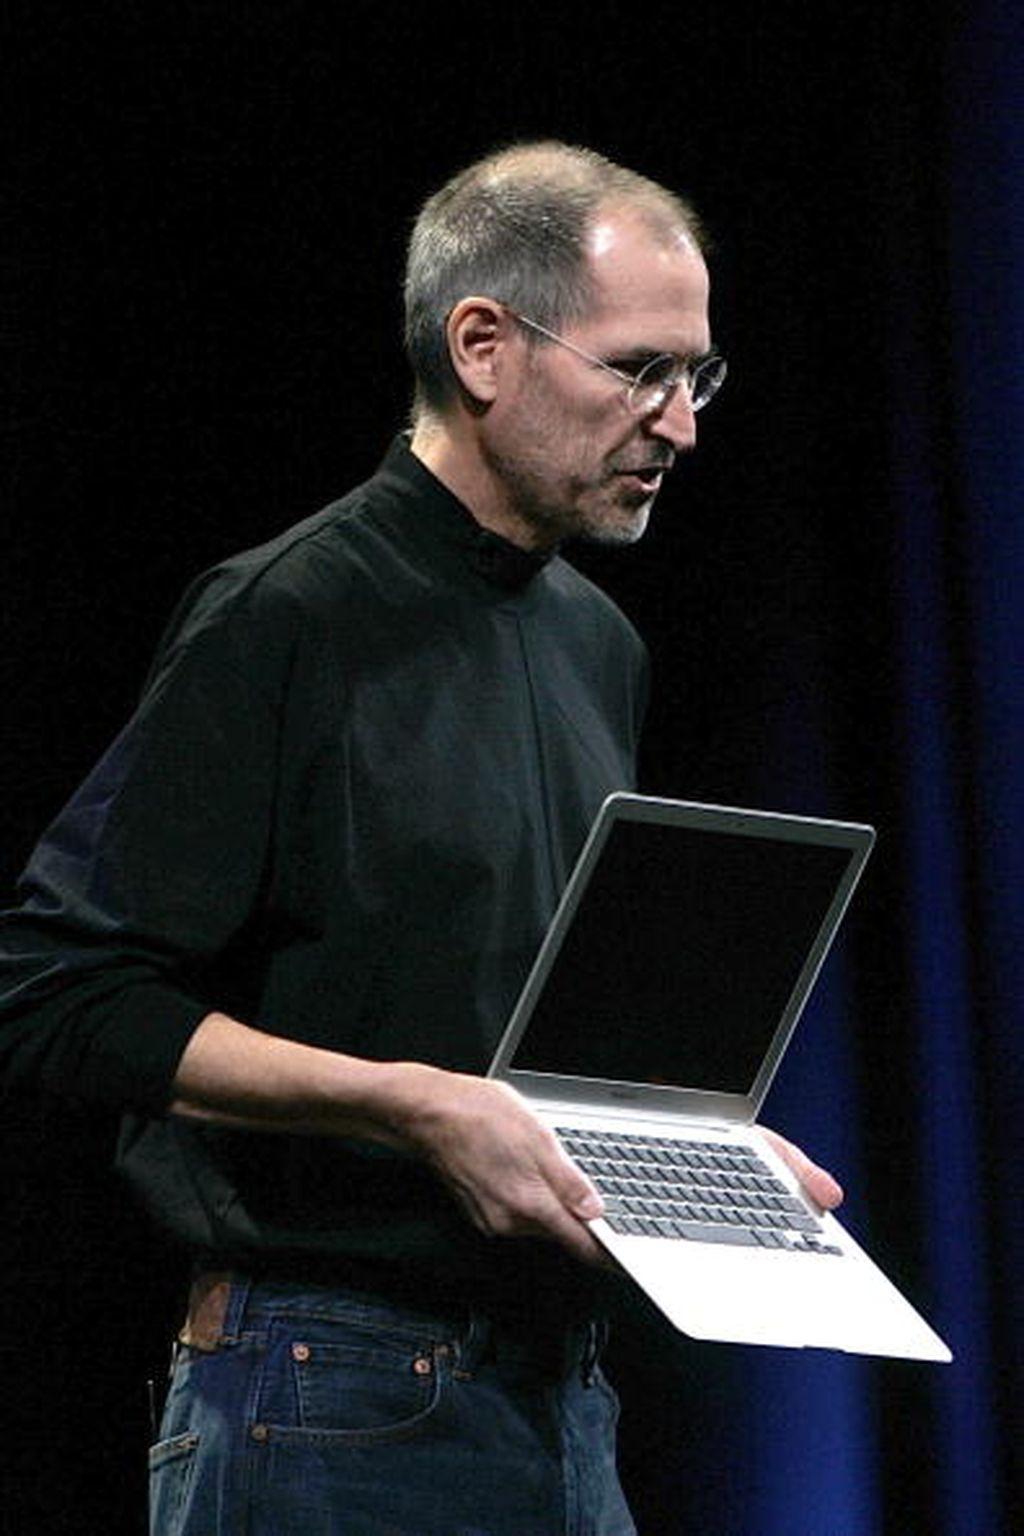 MacBook Air dilahirkan Apple di era kepemimpinan Steve Jobs. Ia memperkenalkannya di ajang konferensi MacWorld di awal tahun 2008. Foto: Getty Images